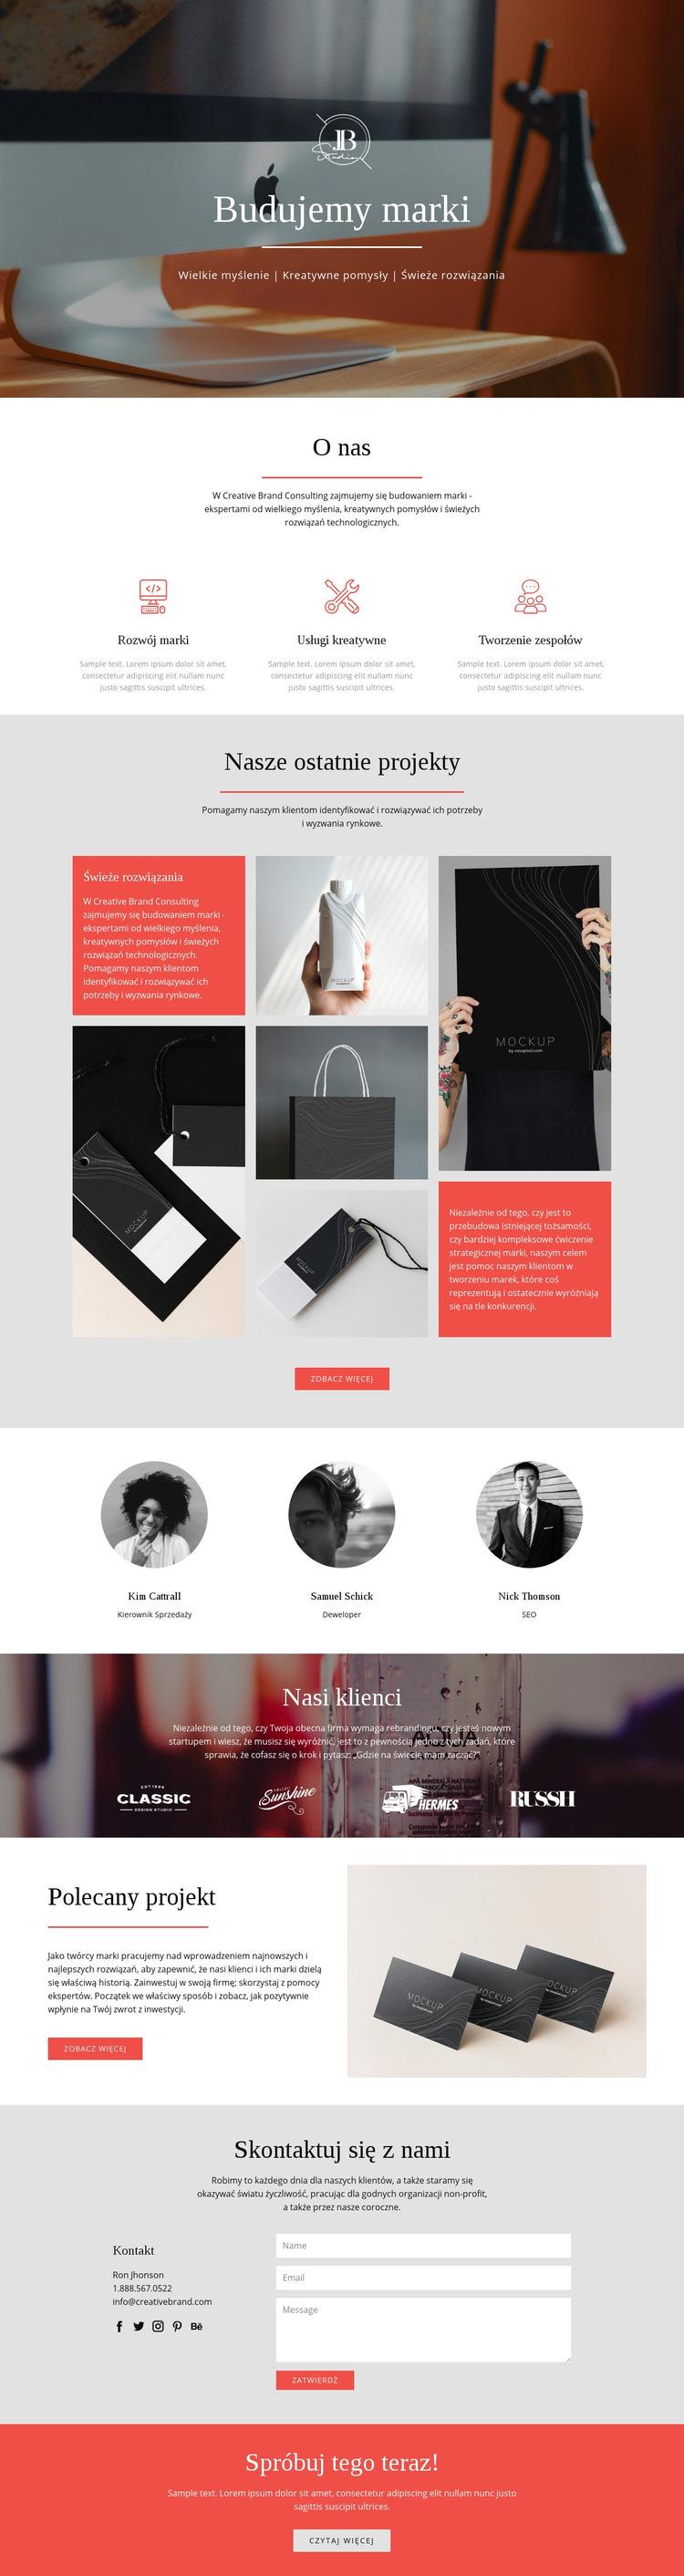 Budujemy marki Szablon witryny sieci Web